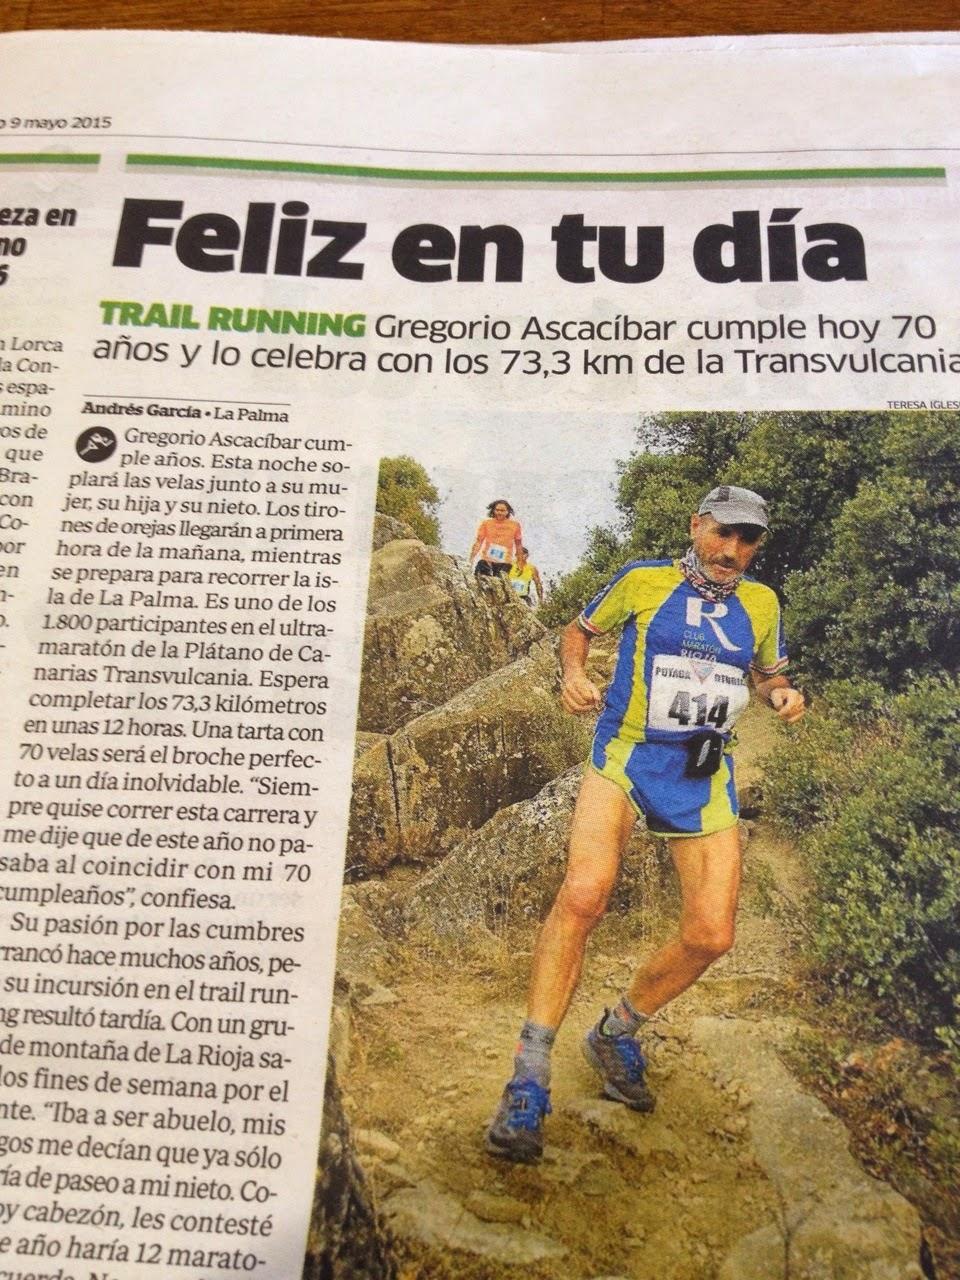 Luis Alberto Hernando en la ascensión al Roque de los Muchachos en la Transvulcania 2015. /TRAILCYL